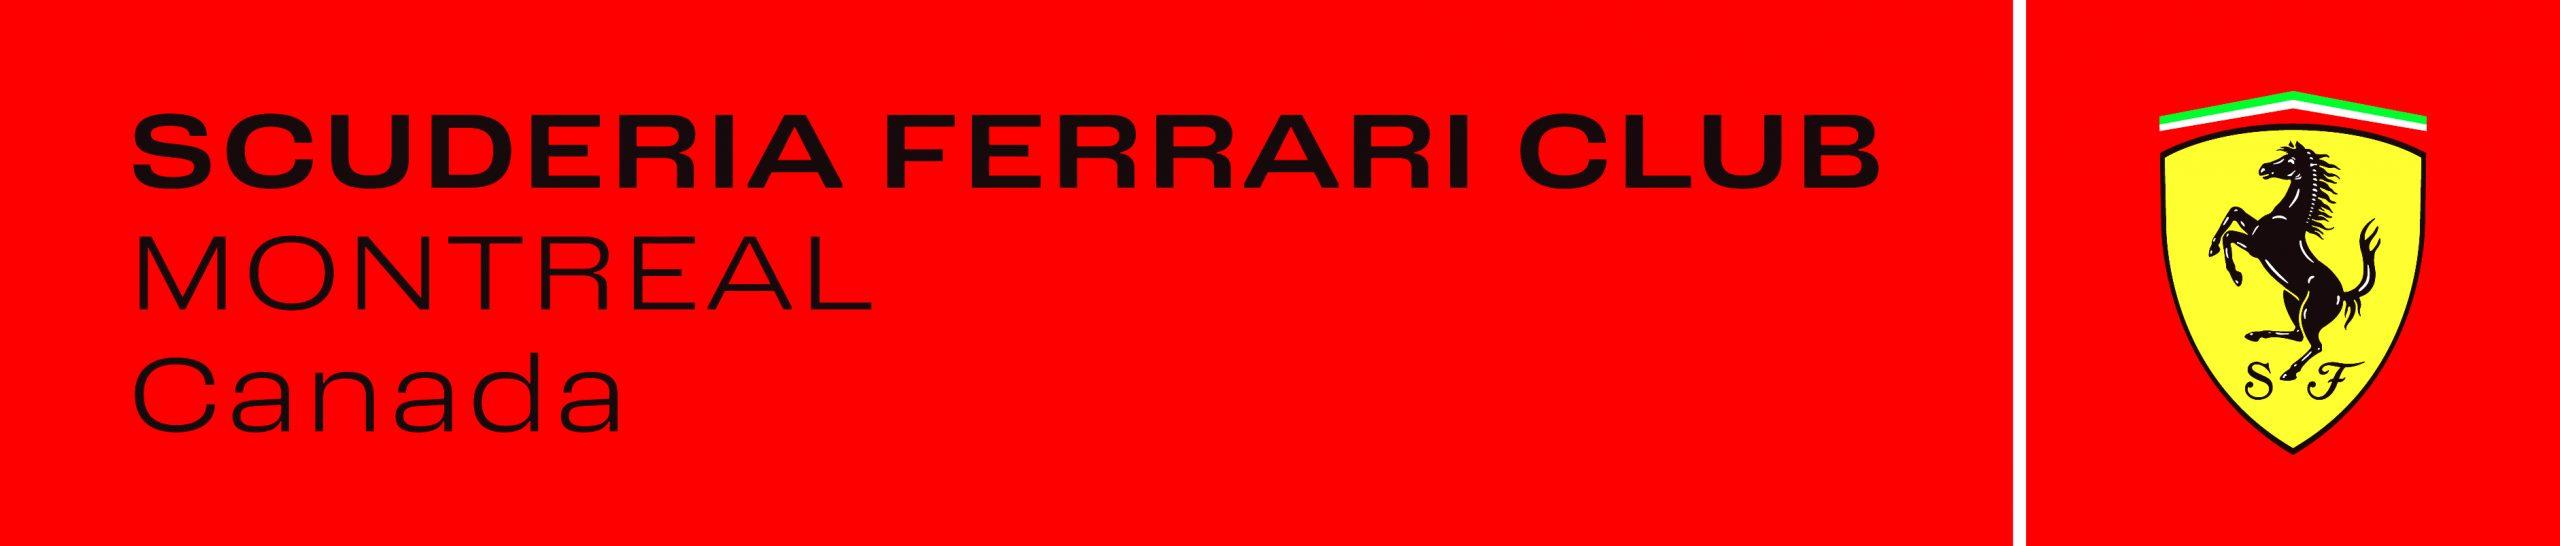 Logo_MONTREAL - Canada_POS_CORRECTED